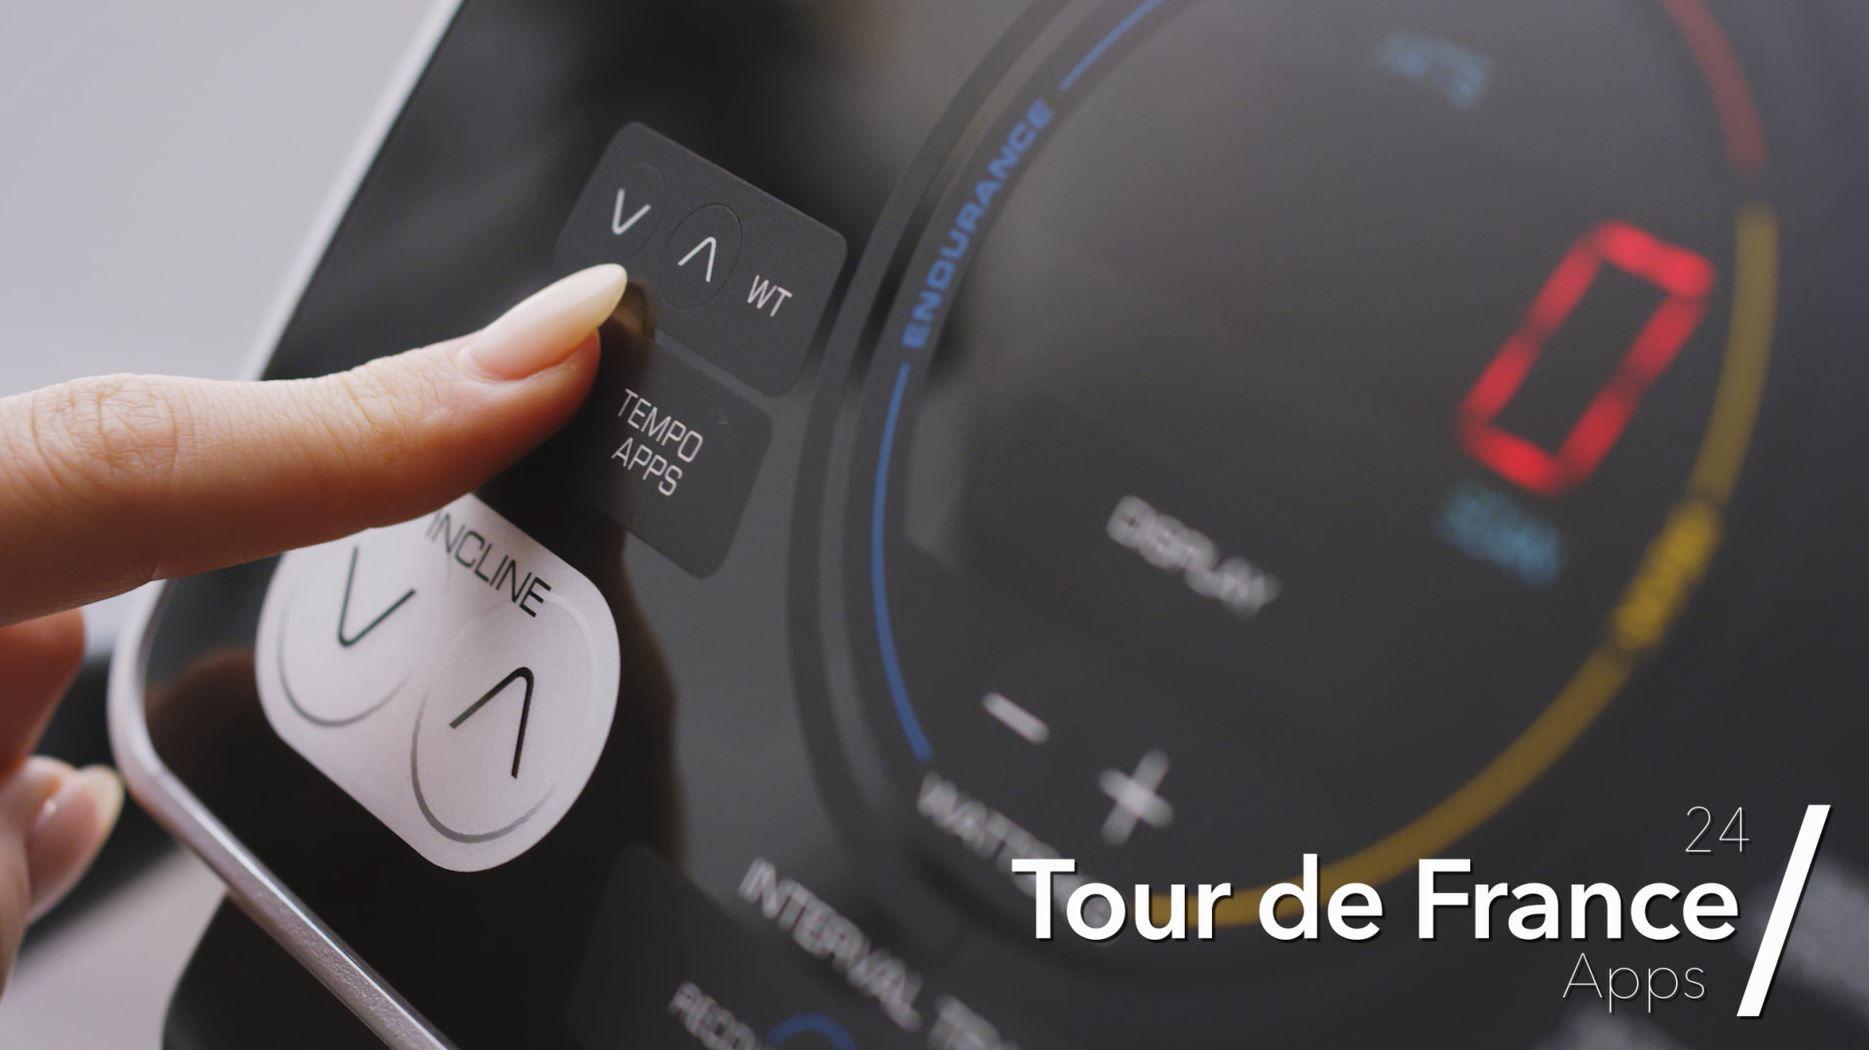 Tour du France